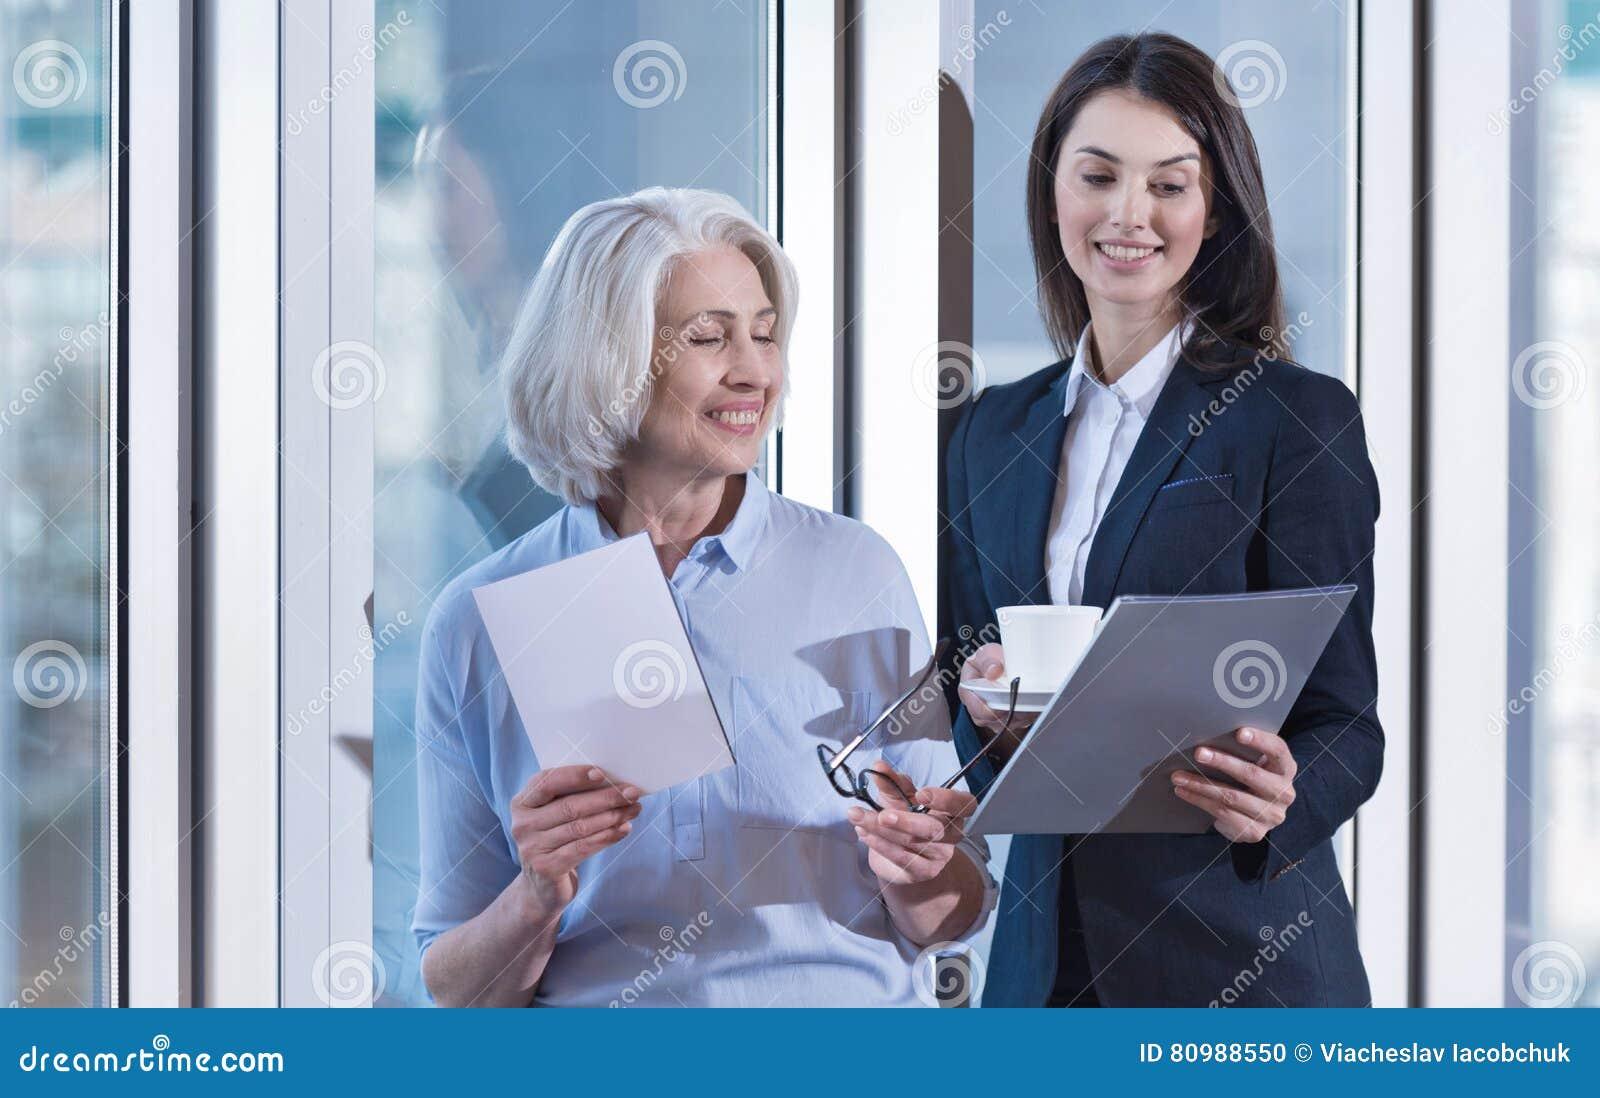 Colleghi contentissimi che ridono durante la pausa caffè